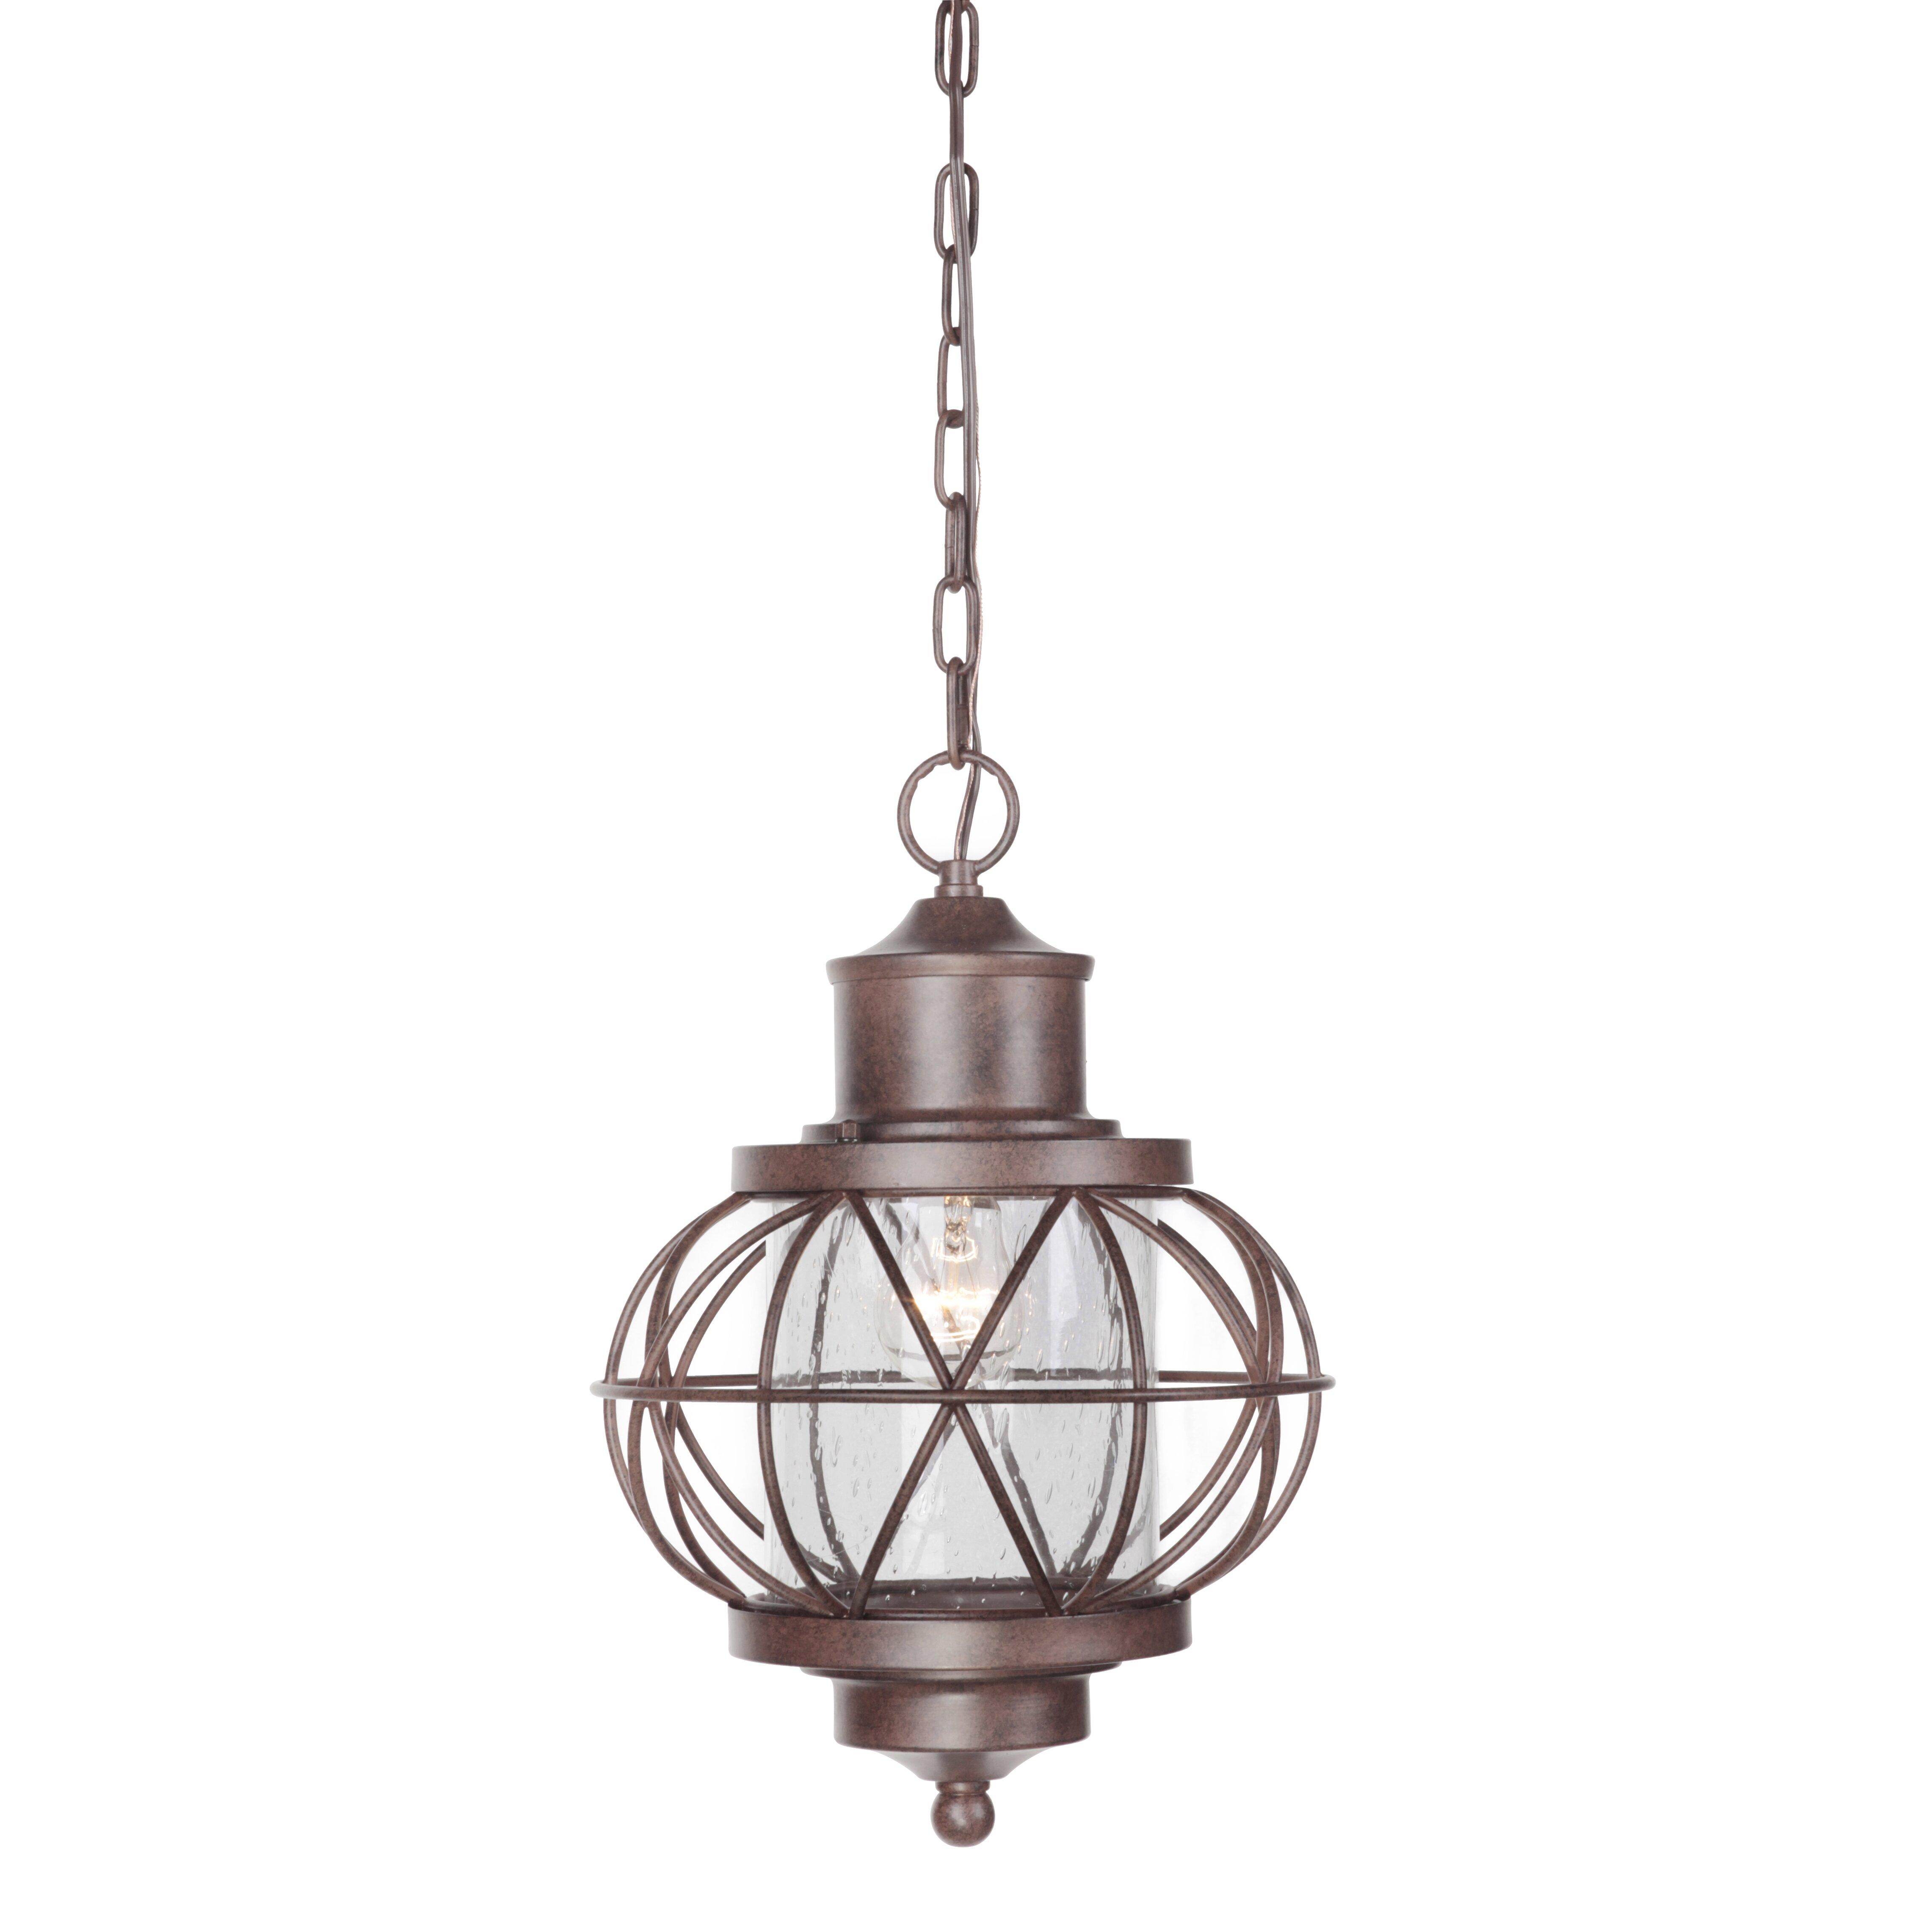 Wayfair Outdoor Hanging Lights: Revere 1 Light Outdoor Hanging Lantern